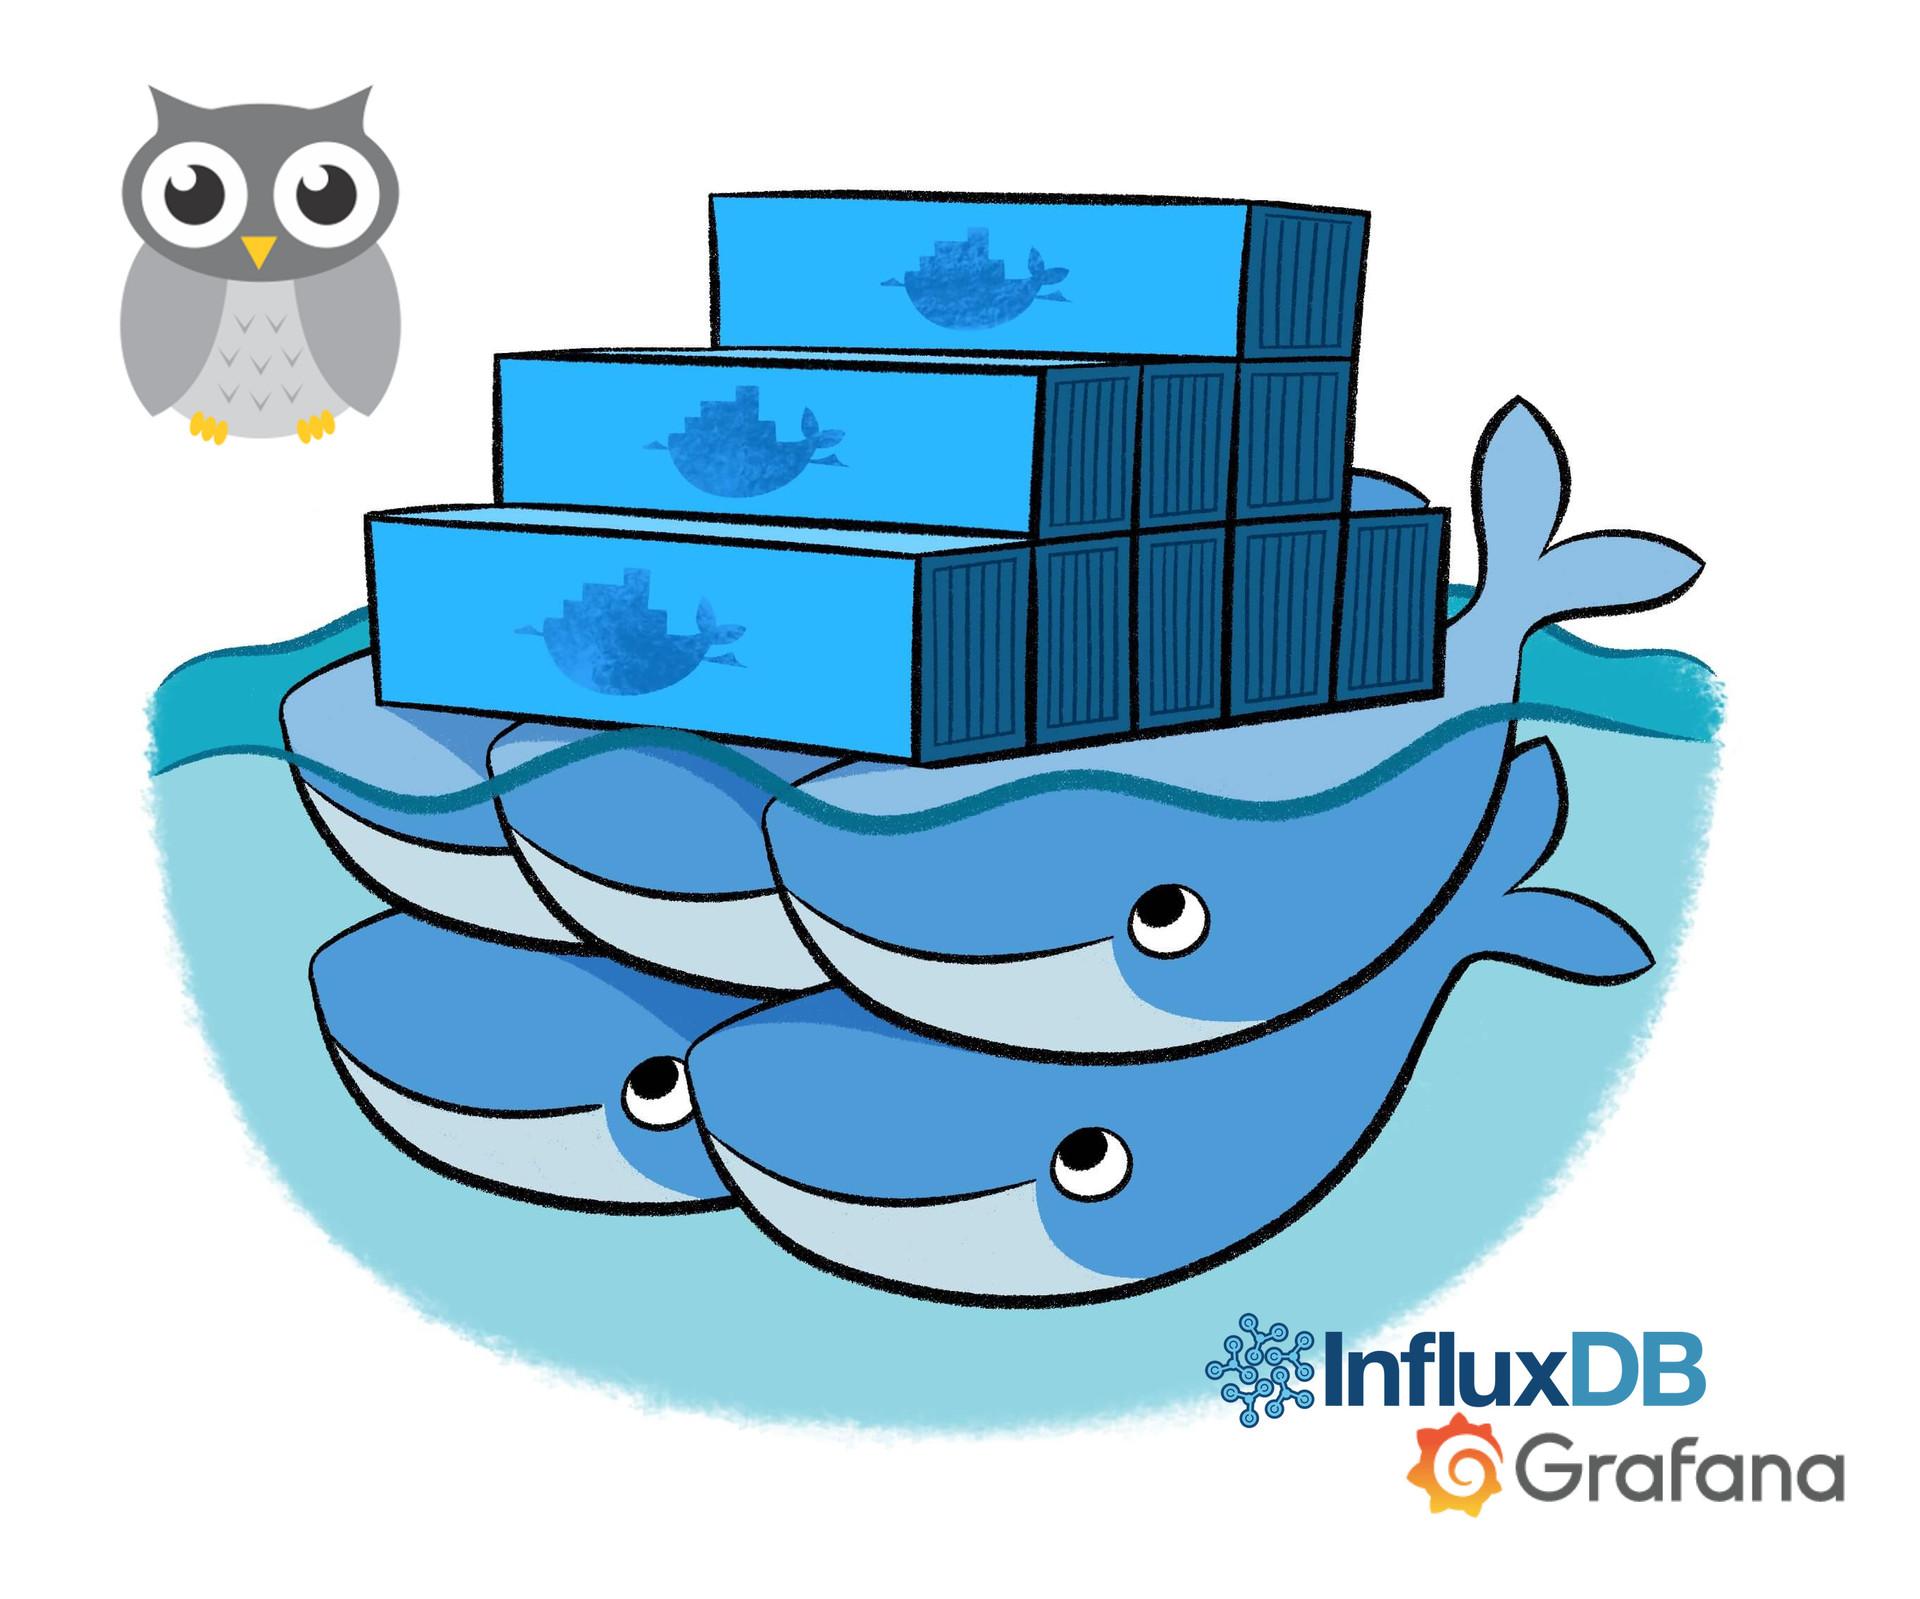 Мониторинг Docker Swarm с помощью cAdvisor, InfluxDB и Grafana